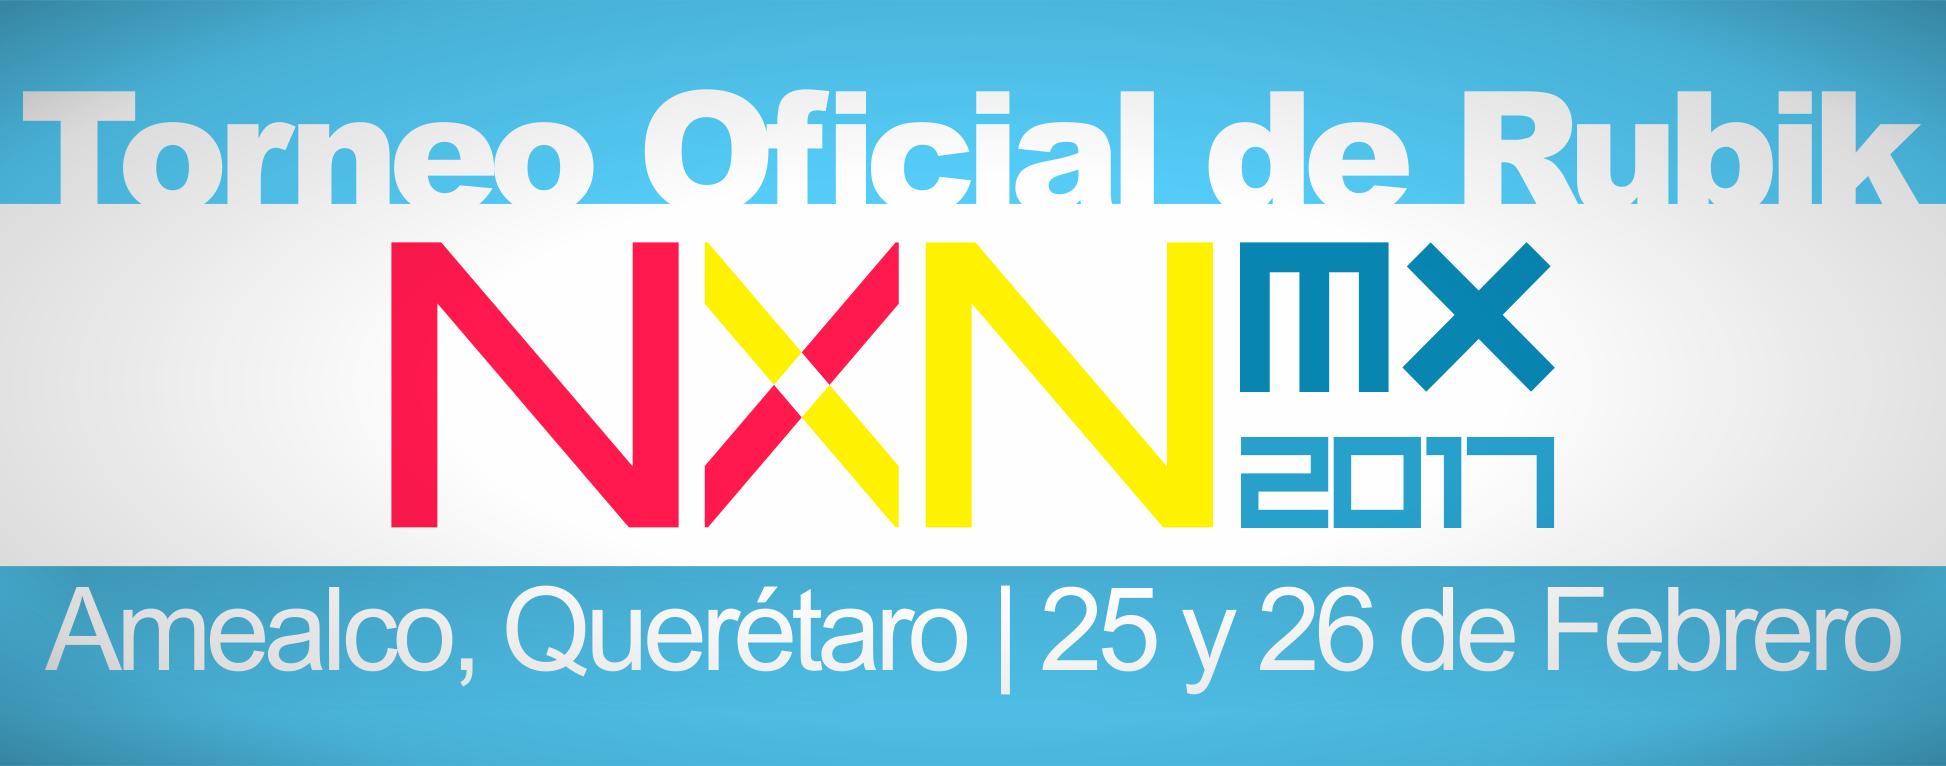 NxN Mx 2017